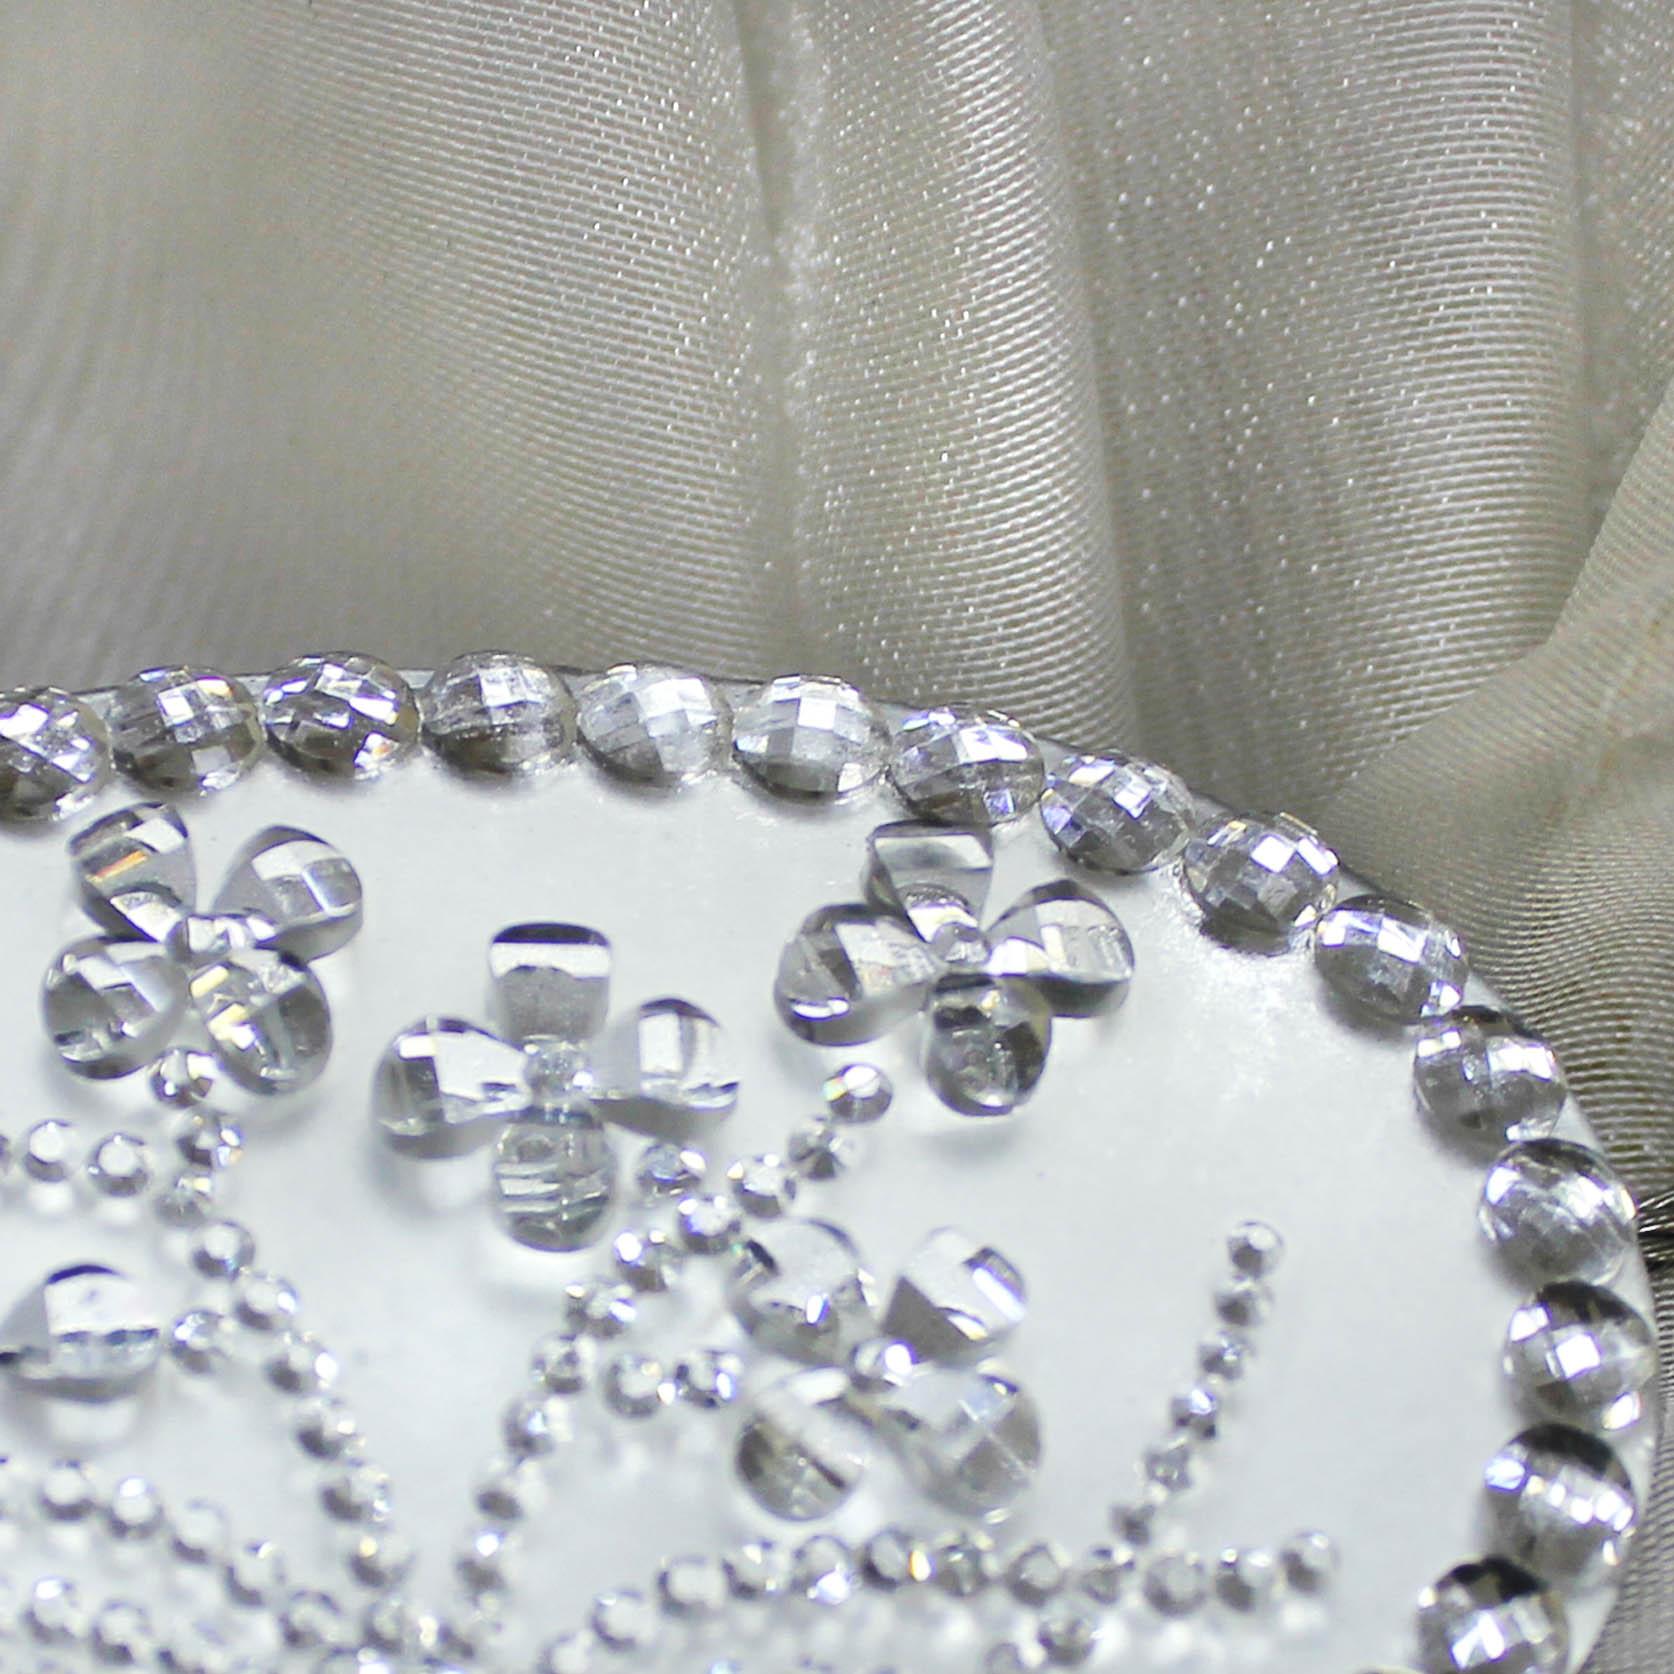 Карнизы и аксессуары для штор Ajur Подхват для штор магнитный Cyrus Цвет: Белый карнизы и аксессуары для штор ajur подхват для штор магнитный abott цвет белый